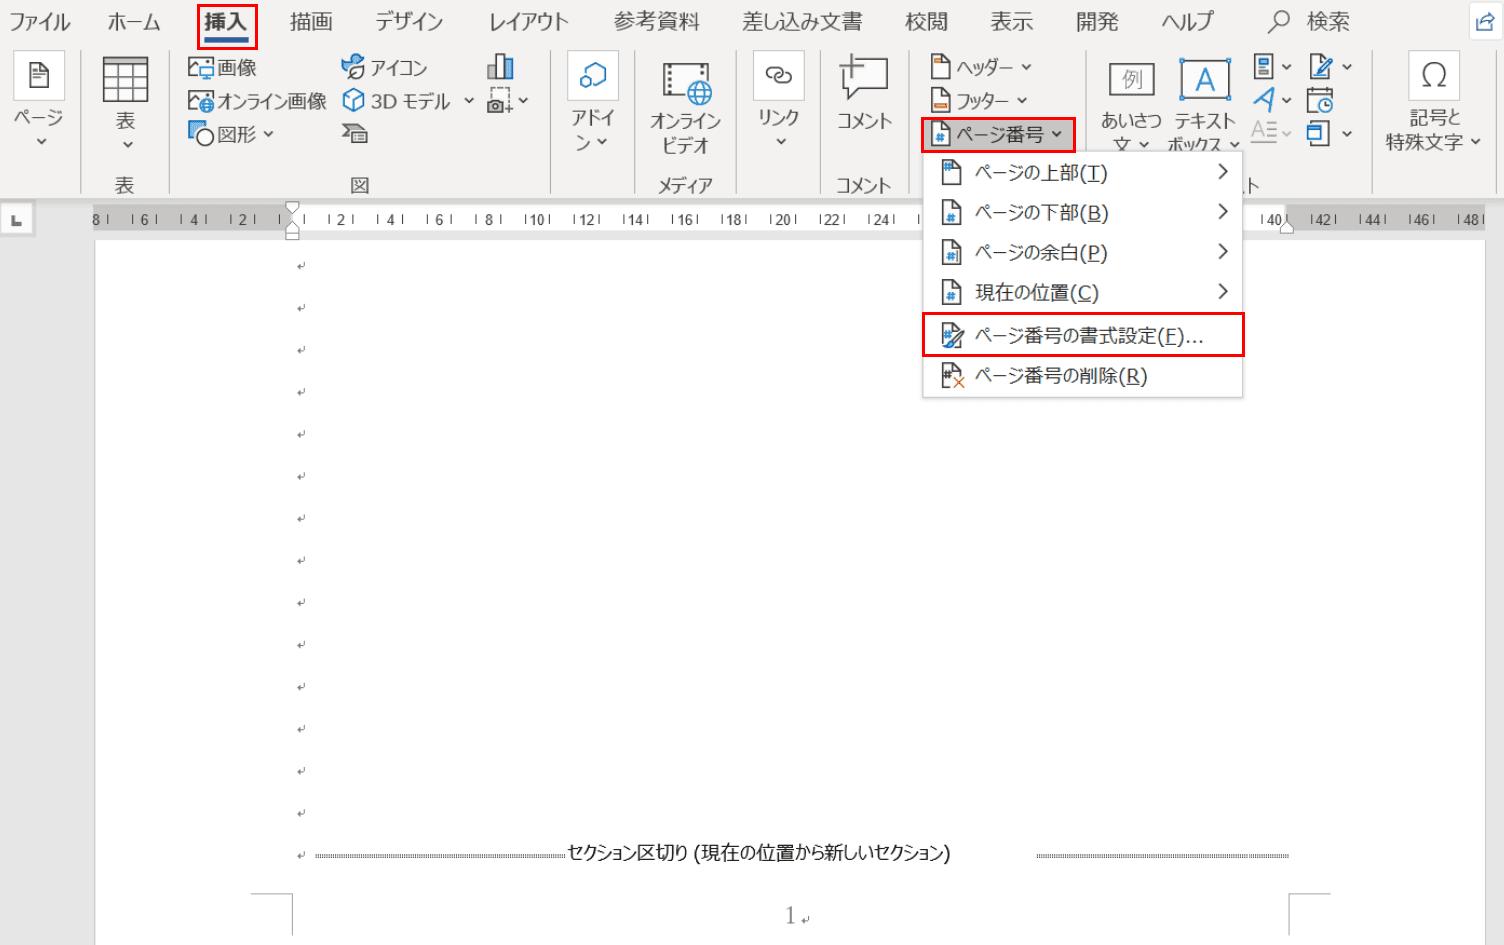 ページ番号の書式設定